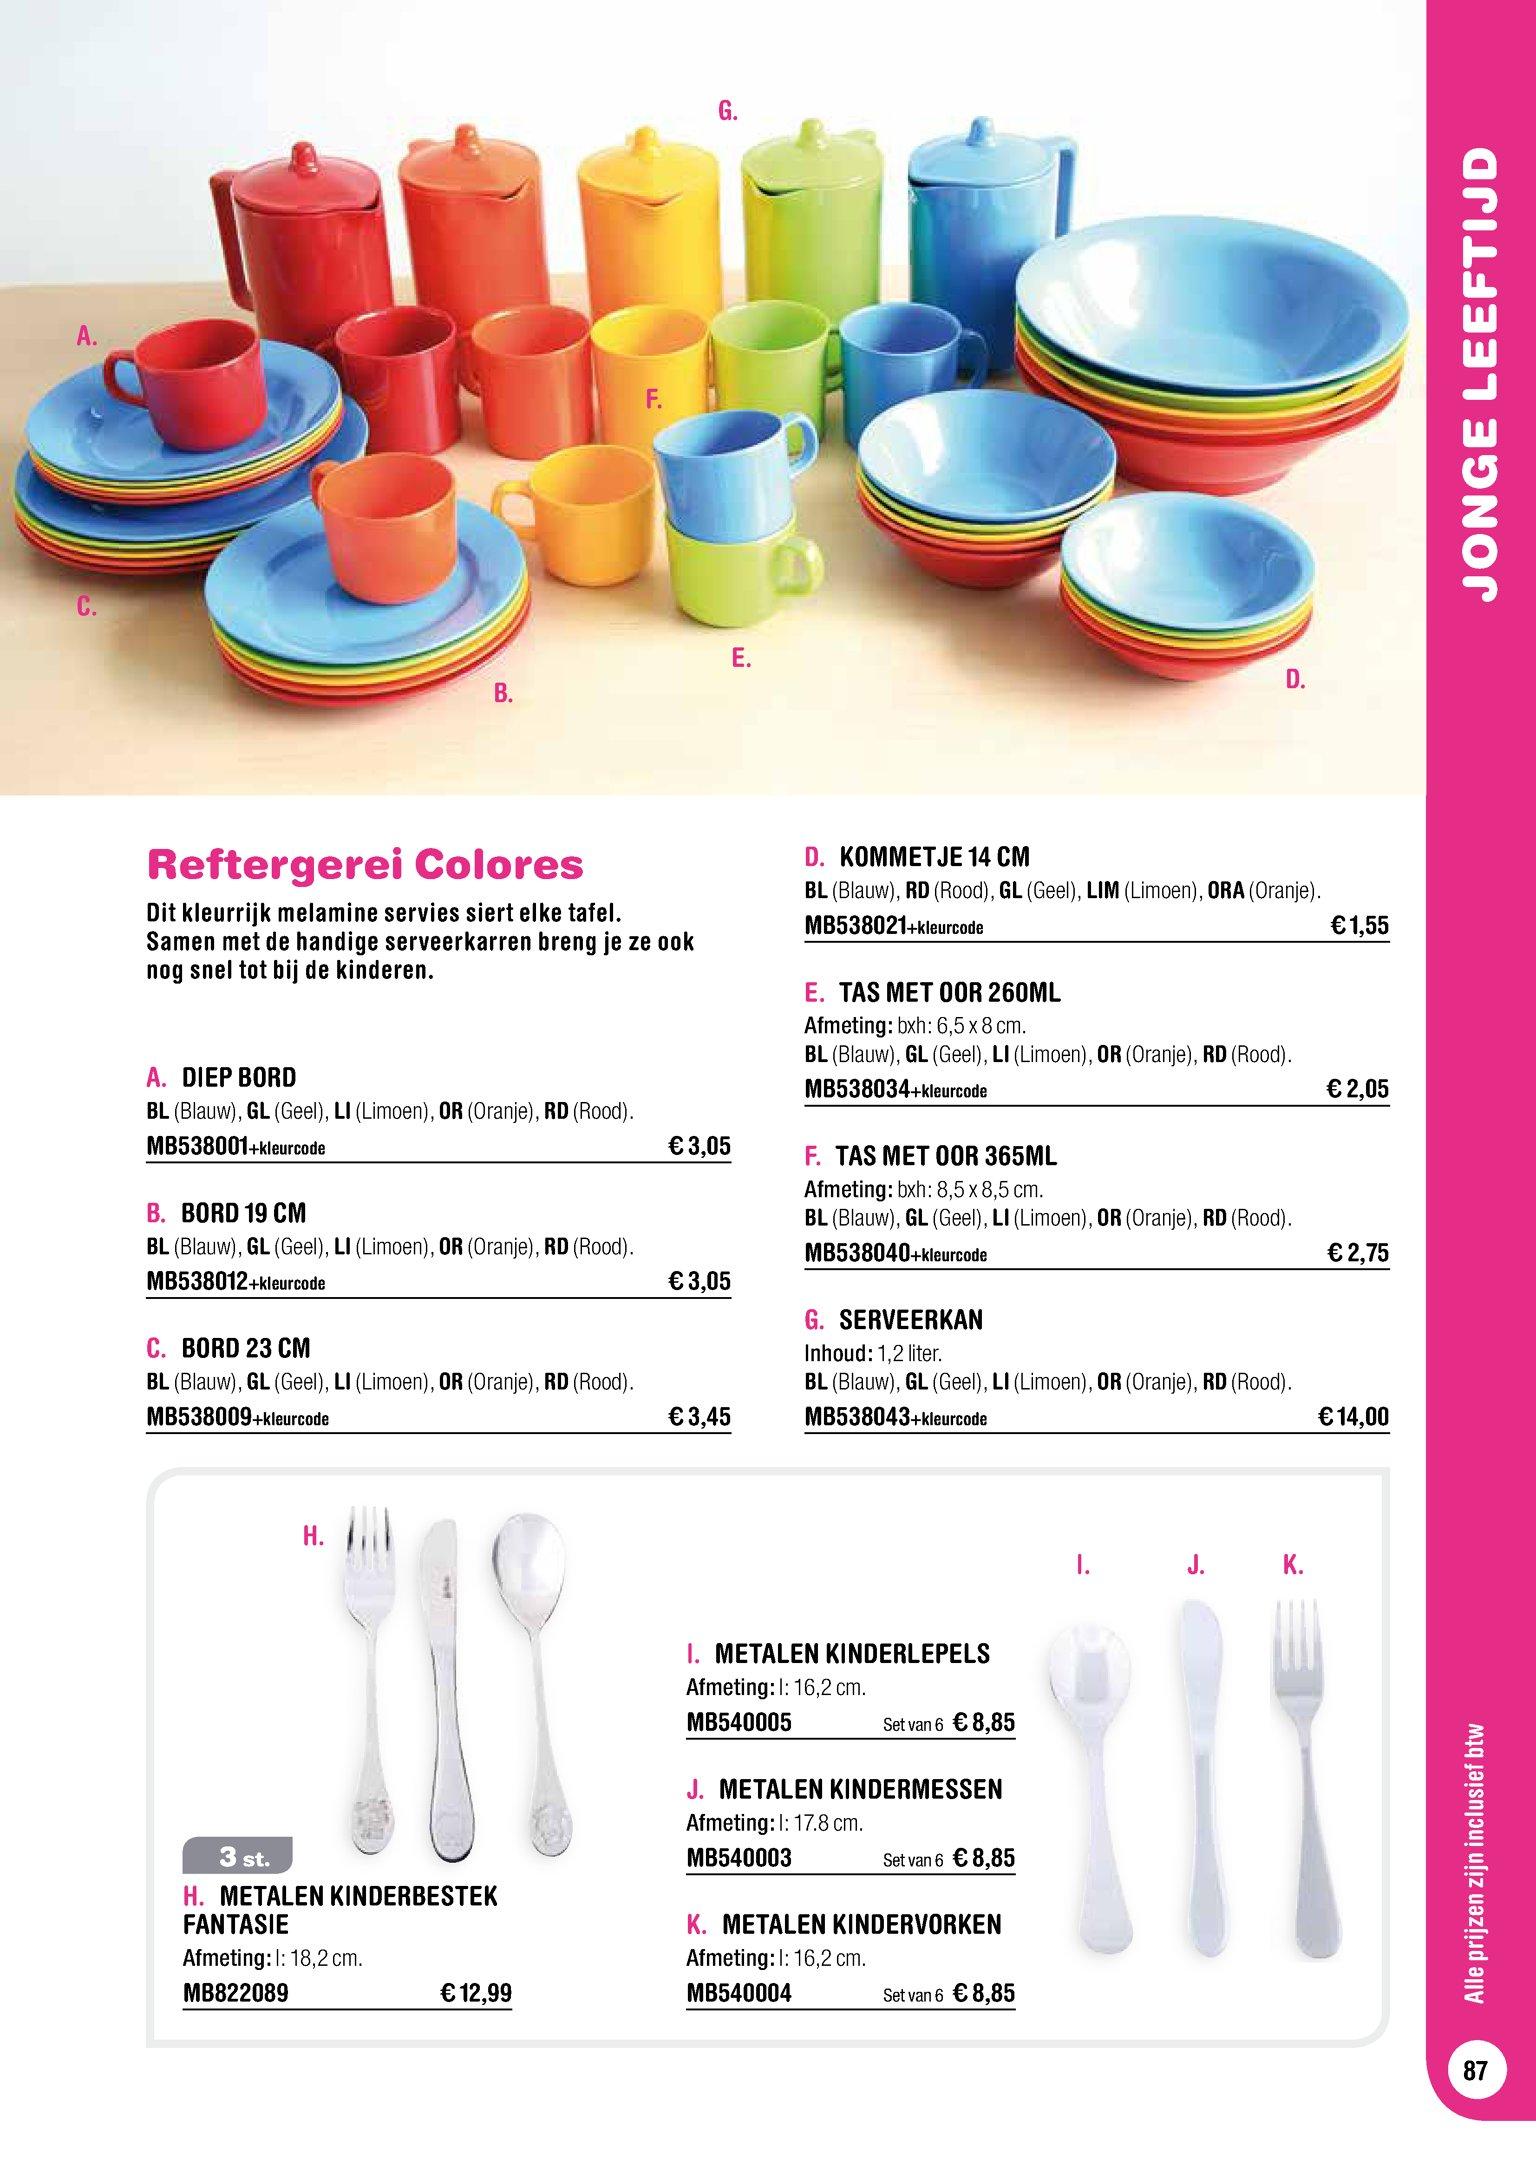 e879a454758 Hageland Educatief - Catalogus 2018 by 3D-Flipbook.com